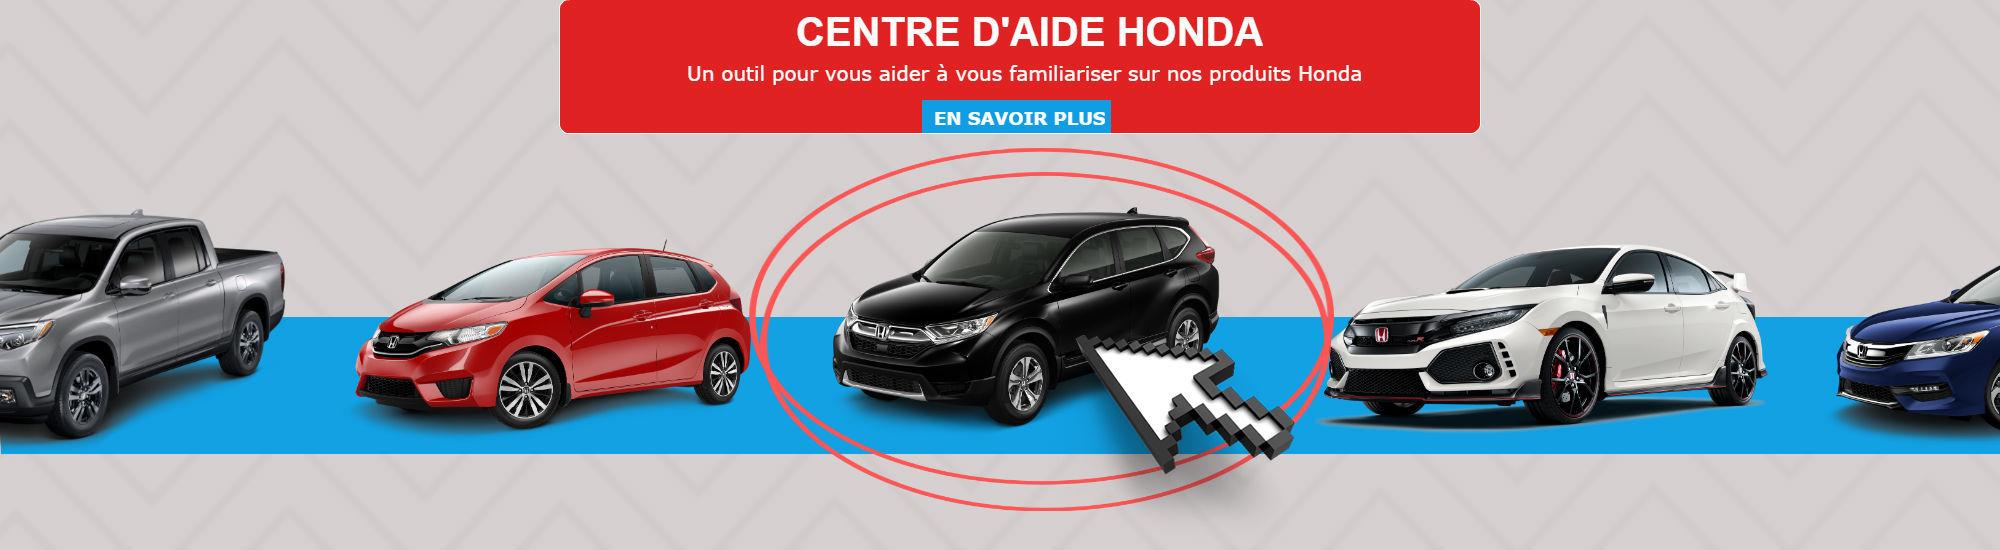 Cente d'aide Honda